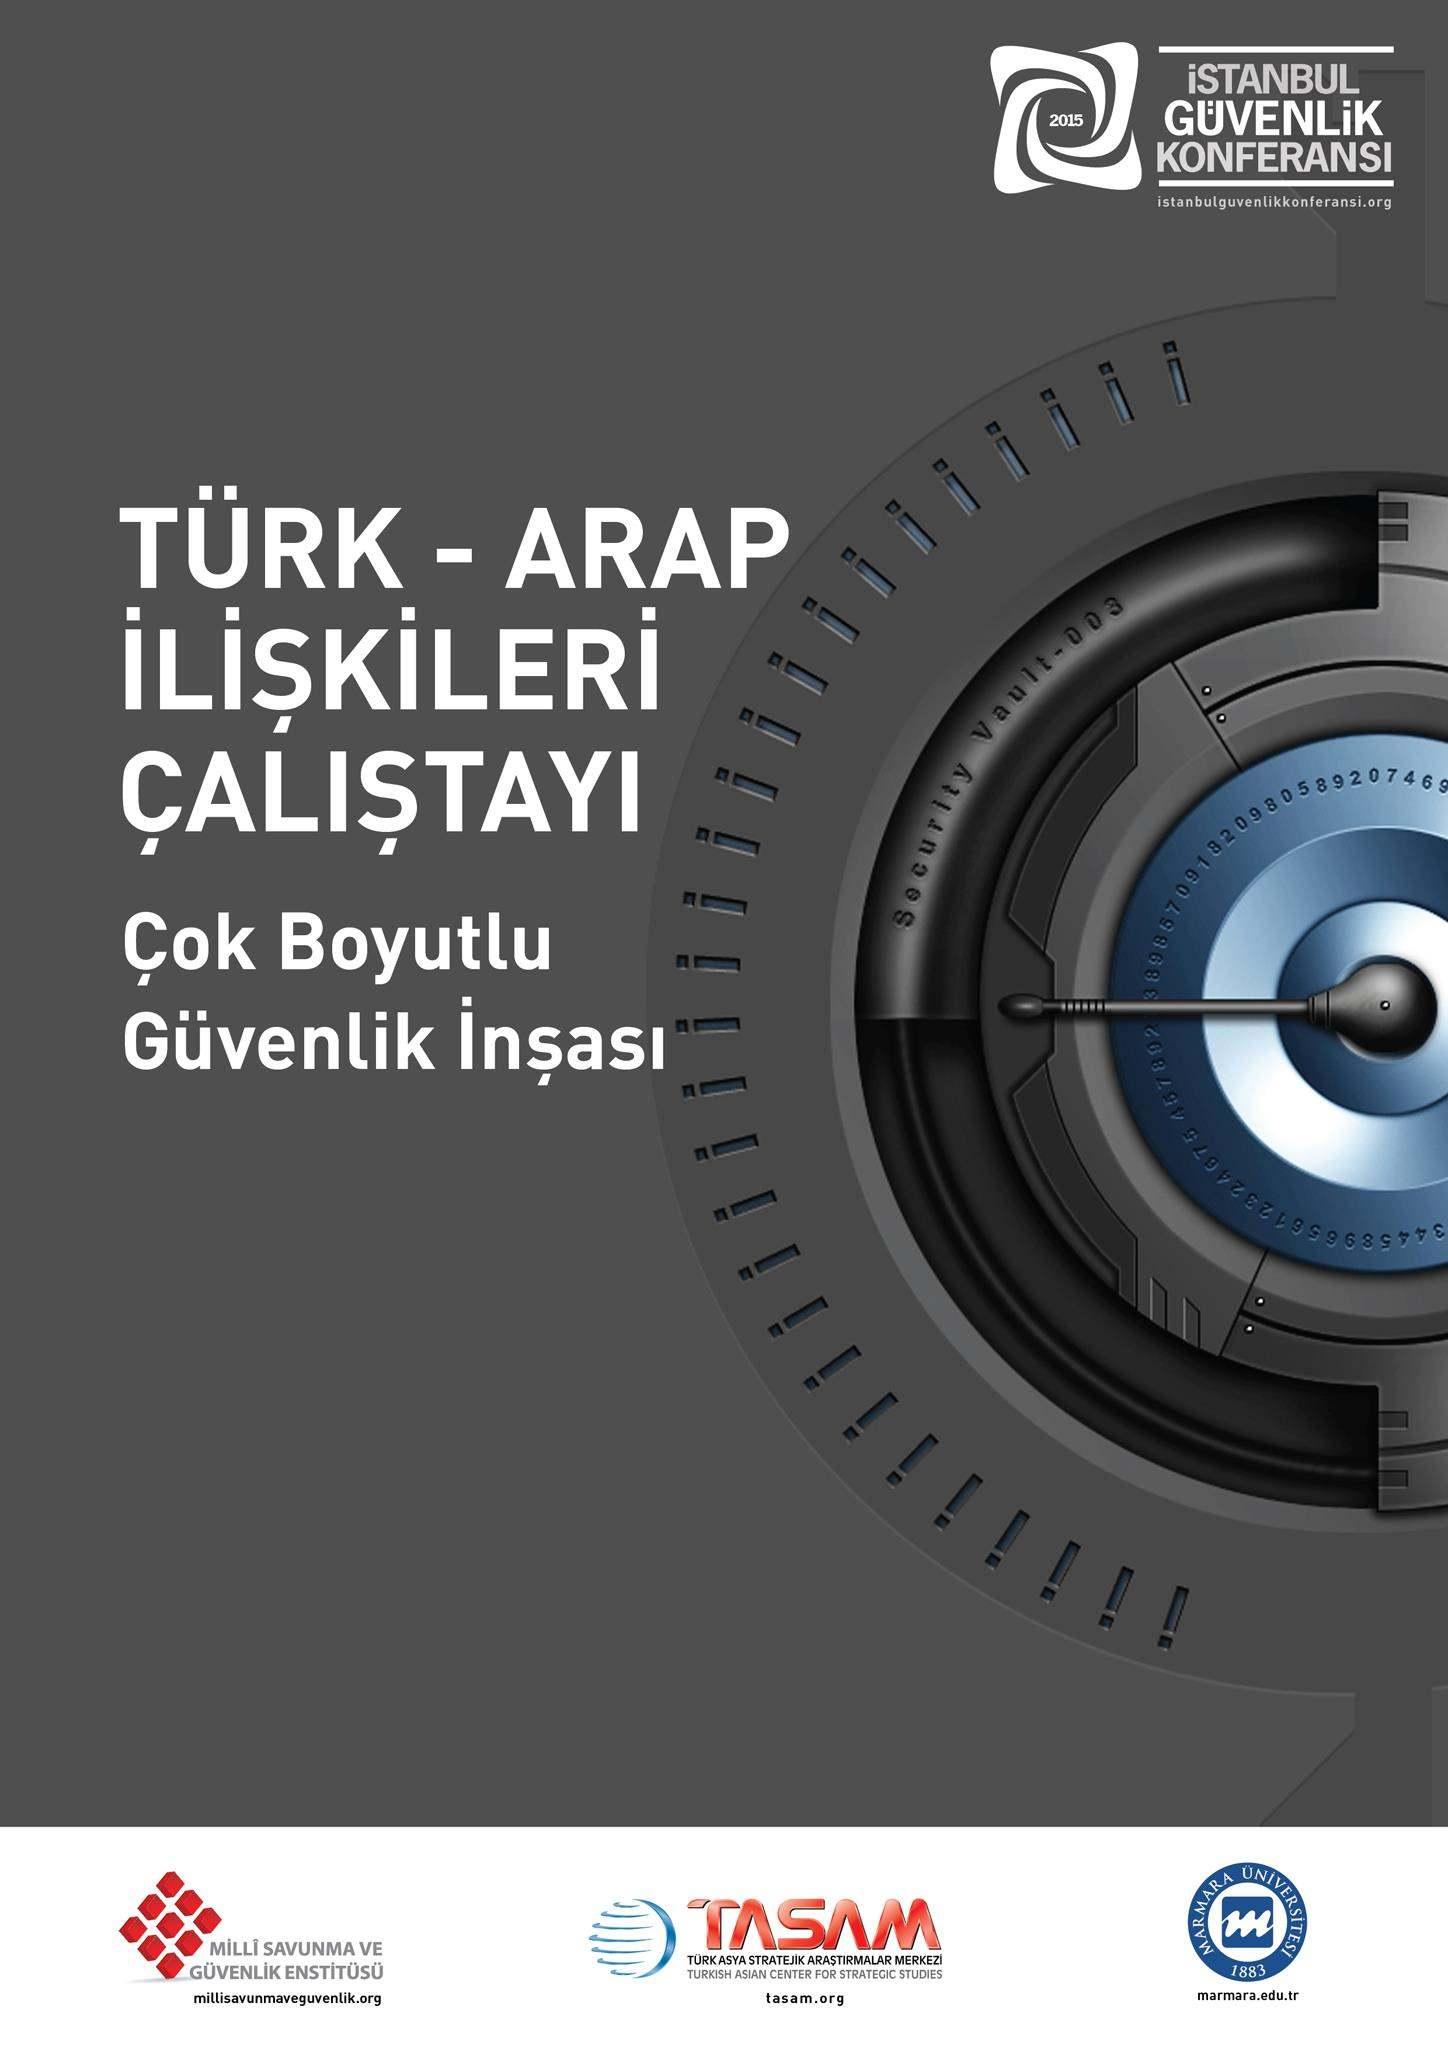 Türk - Arap İlişkileri Çalıştayı |  İstanbul Güvenlik Konferansı 2015